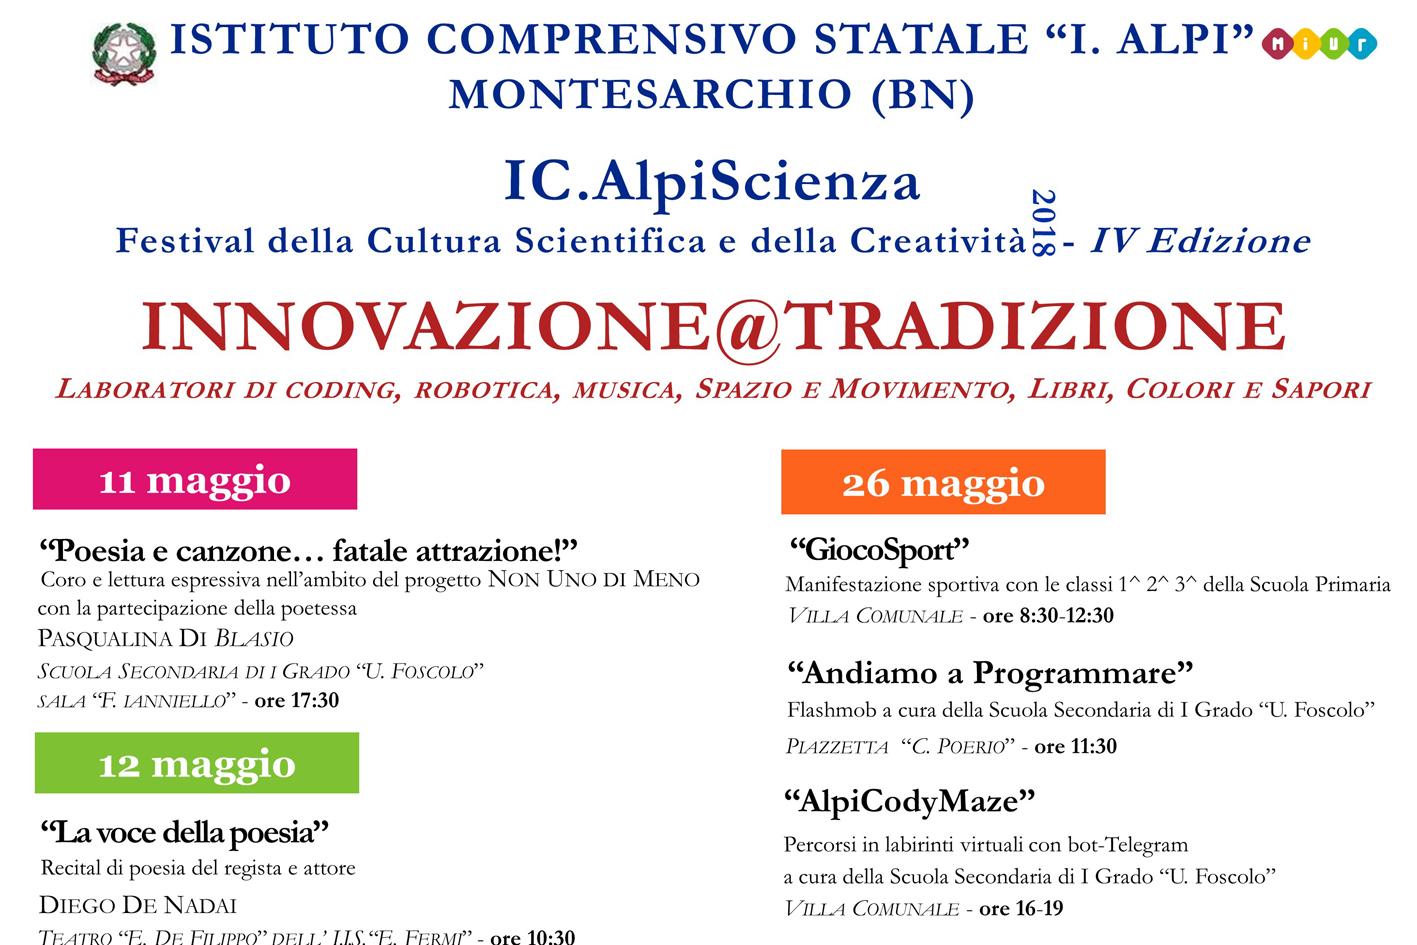 Montesarchio | Festival della Cultura Scientifica e della Creatività all'Istituto Ilaria Alpi